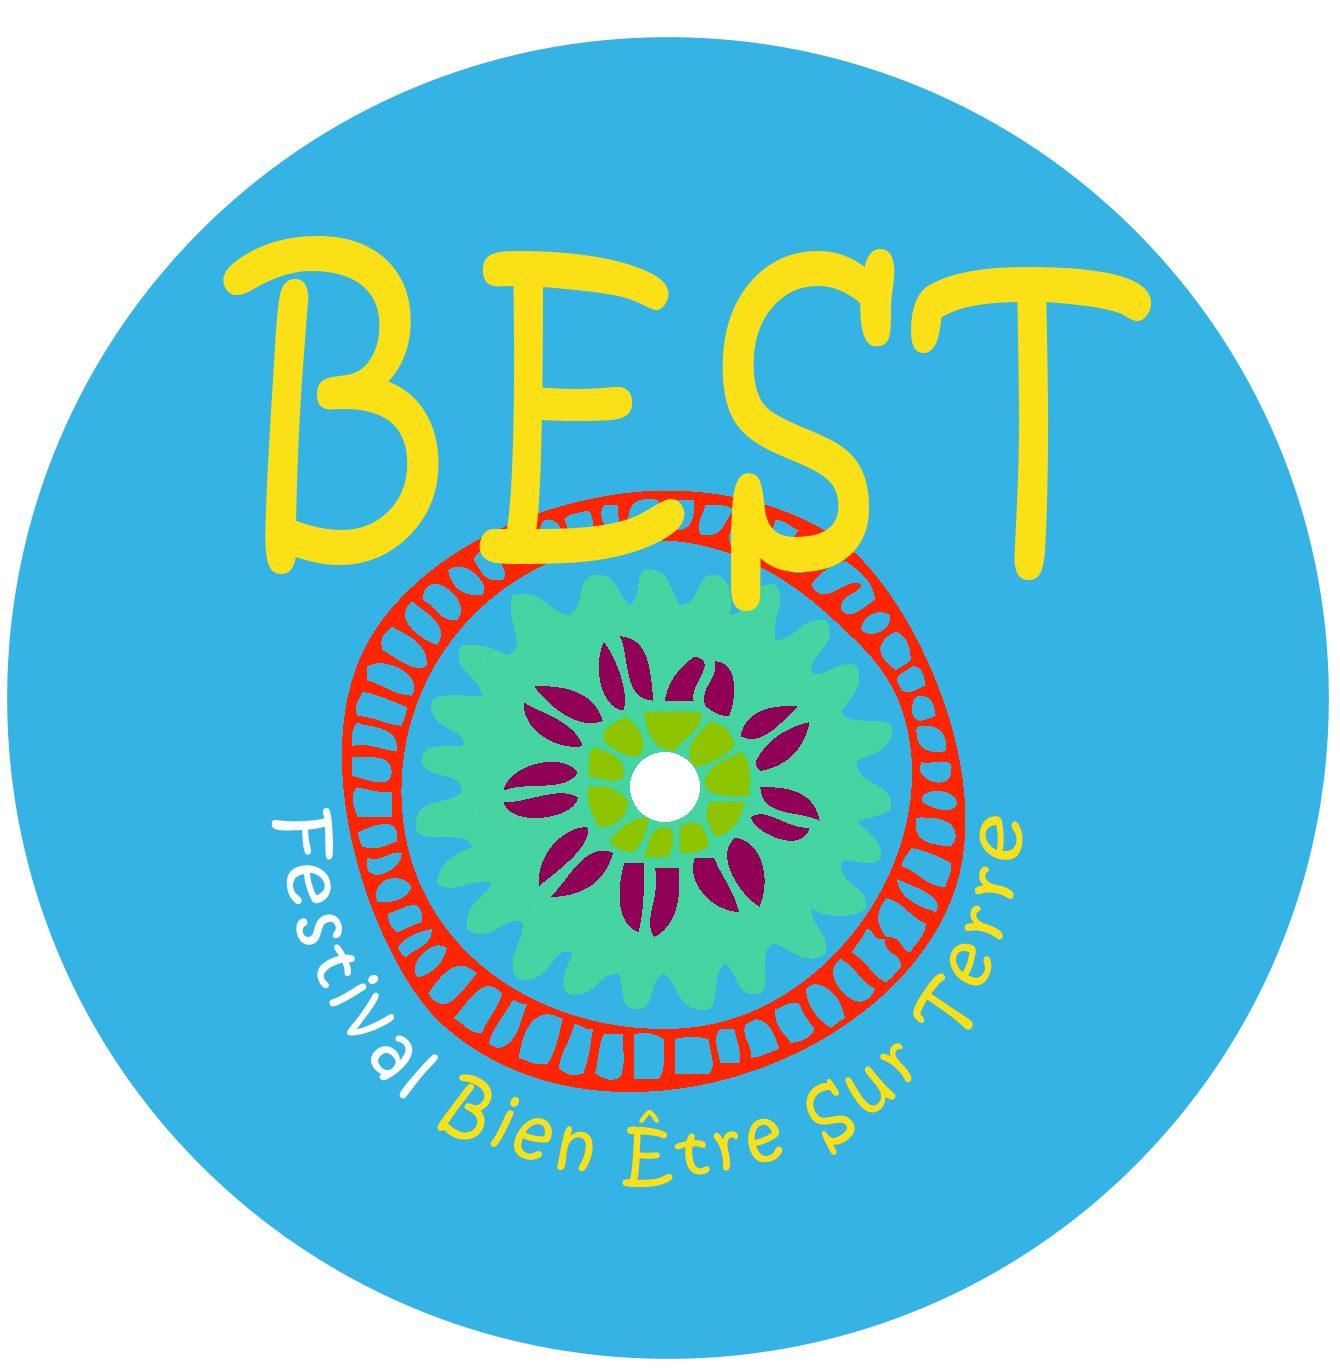 Studio et Festival BEST Bien Etre Sur Terre